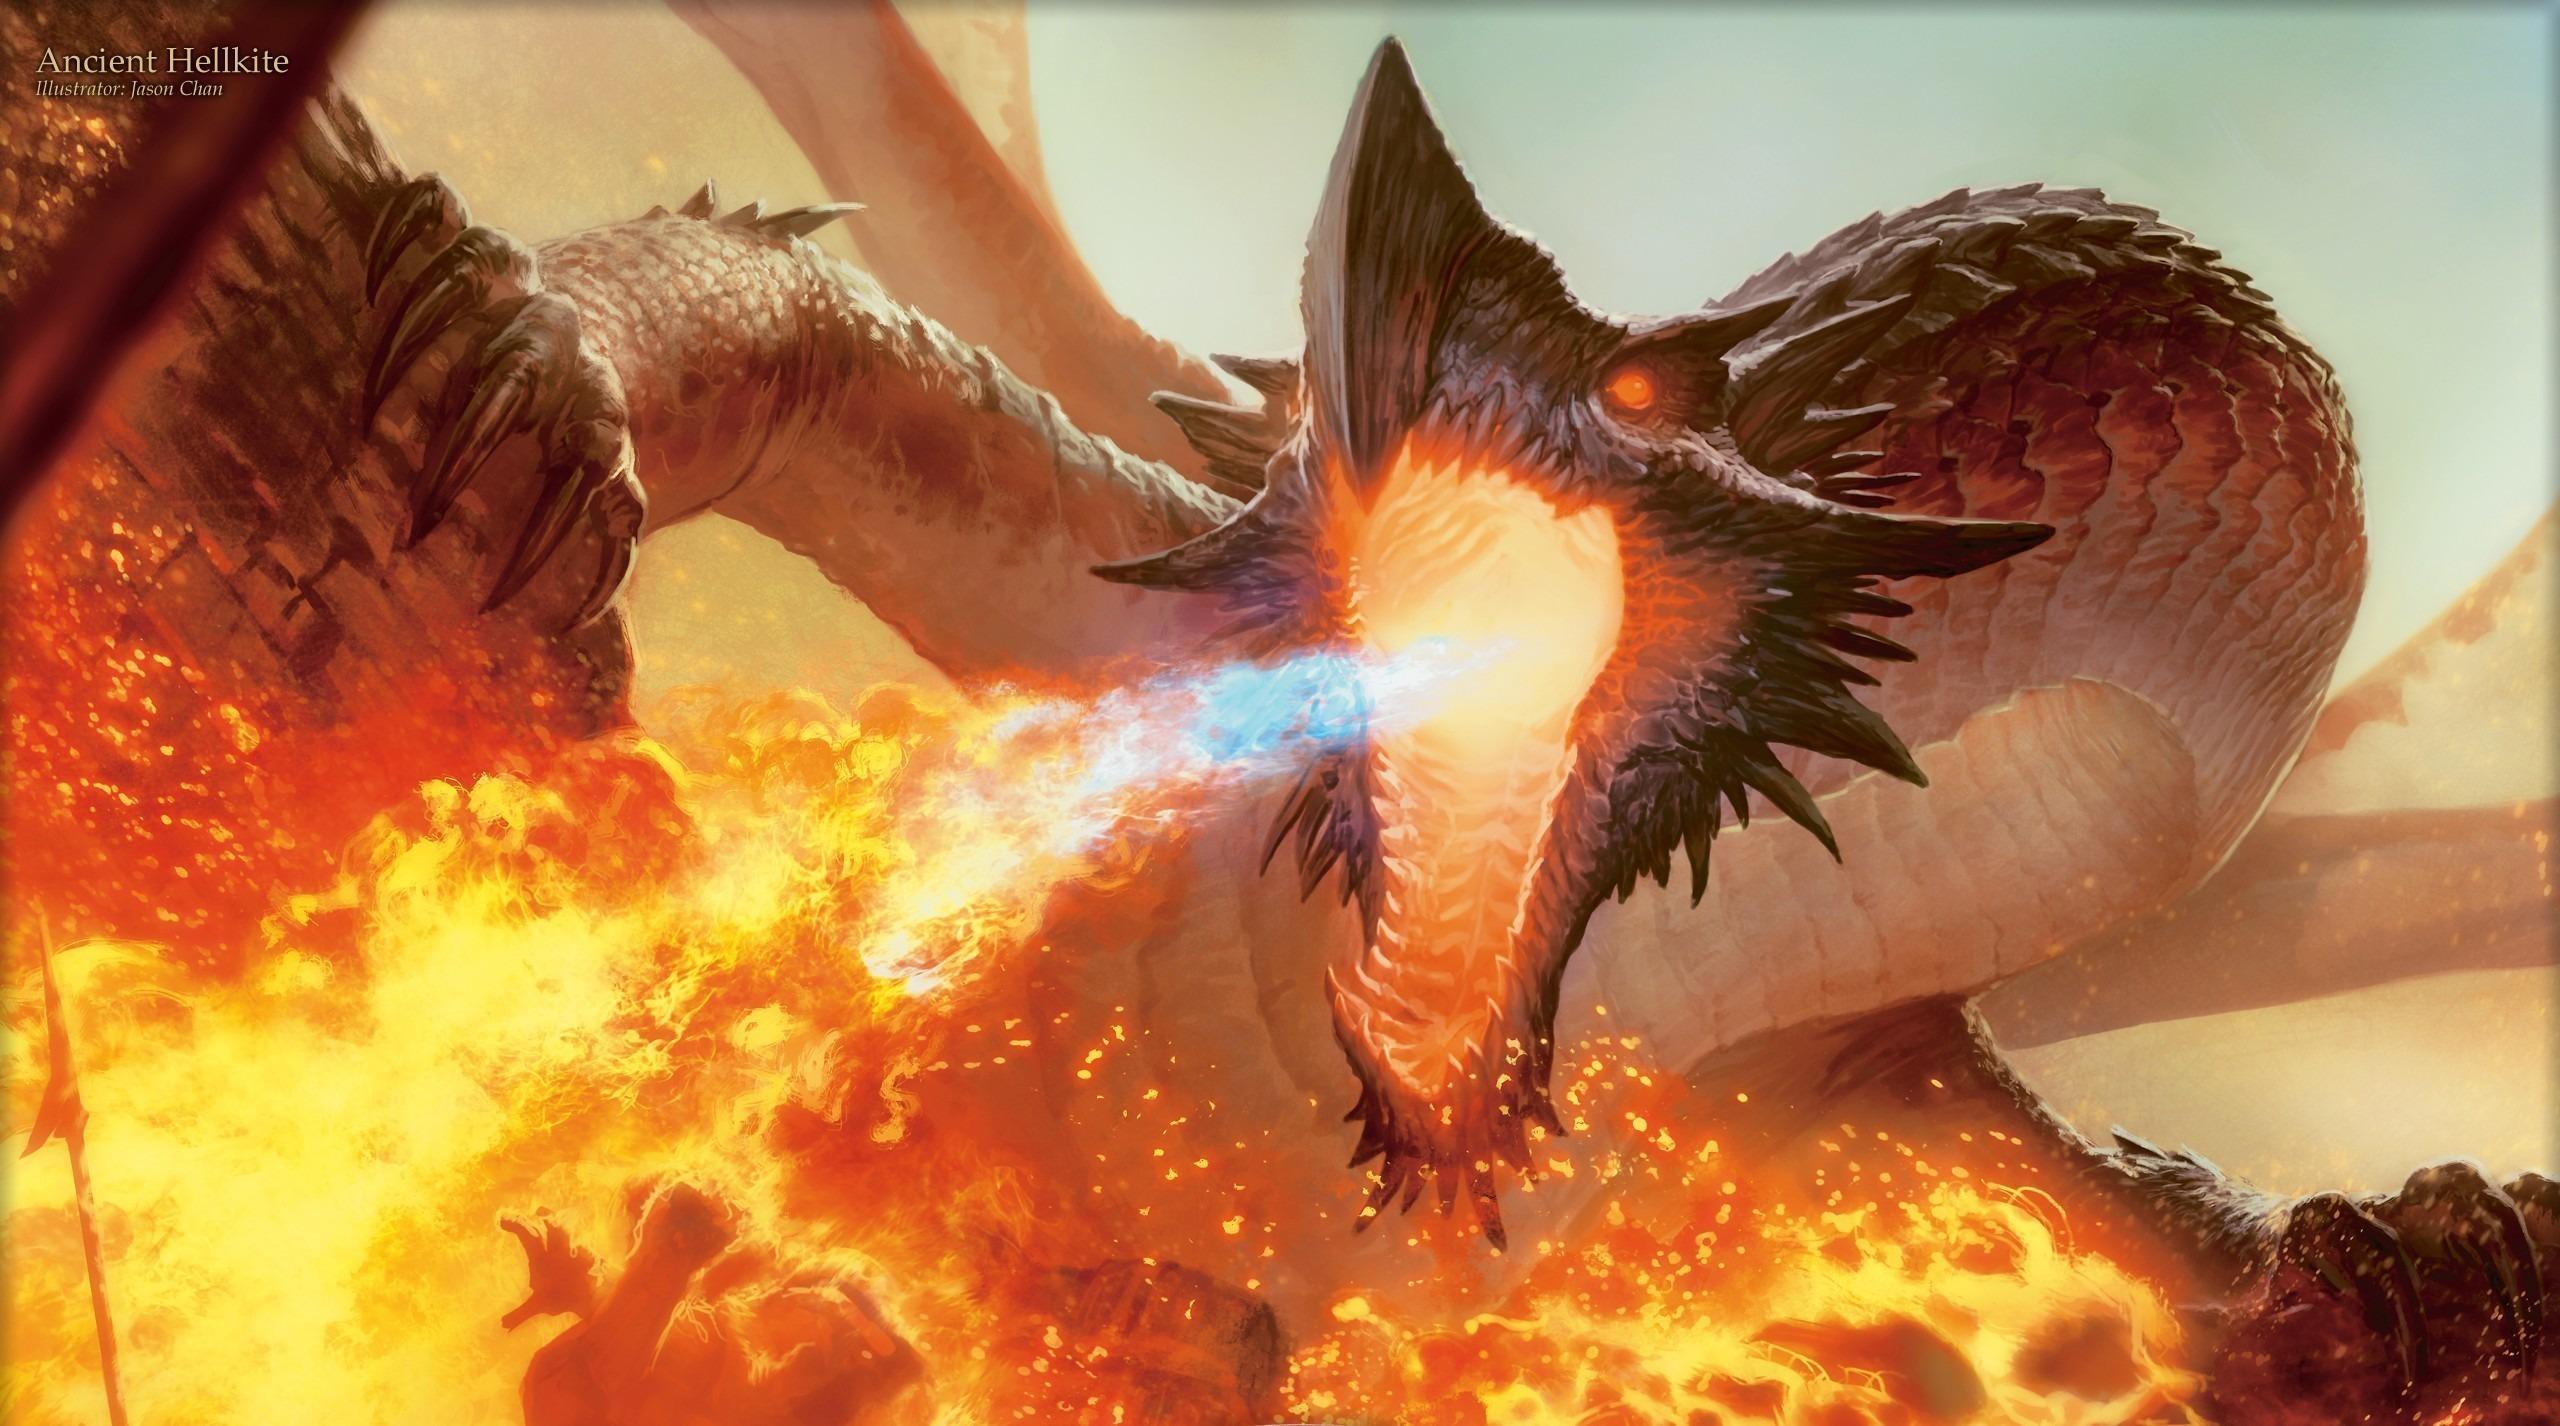 Картинки Драконы извергает пламя Фэнтези дракон Фантастика